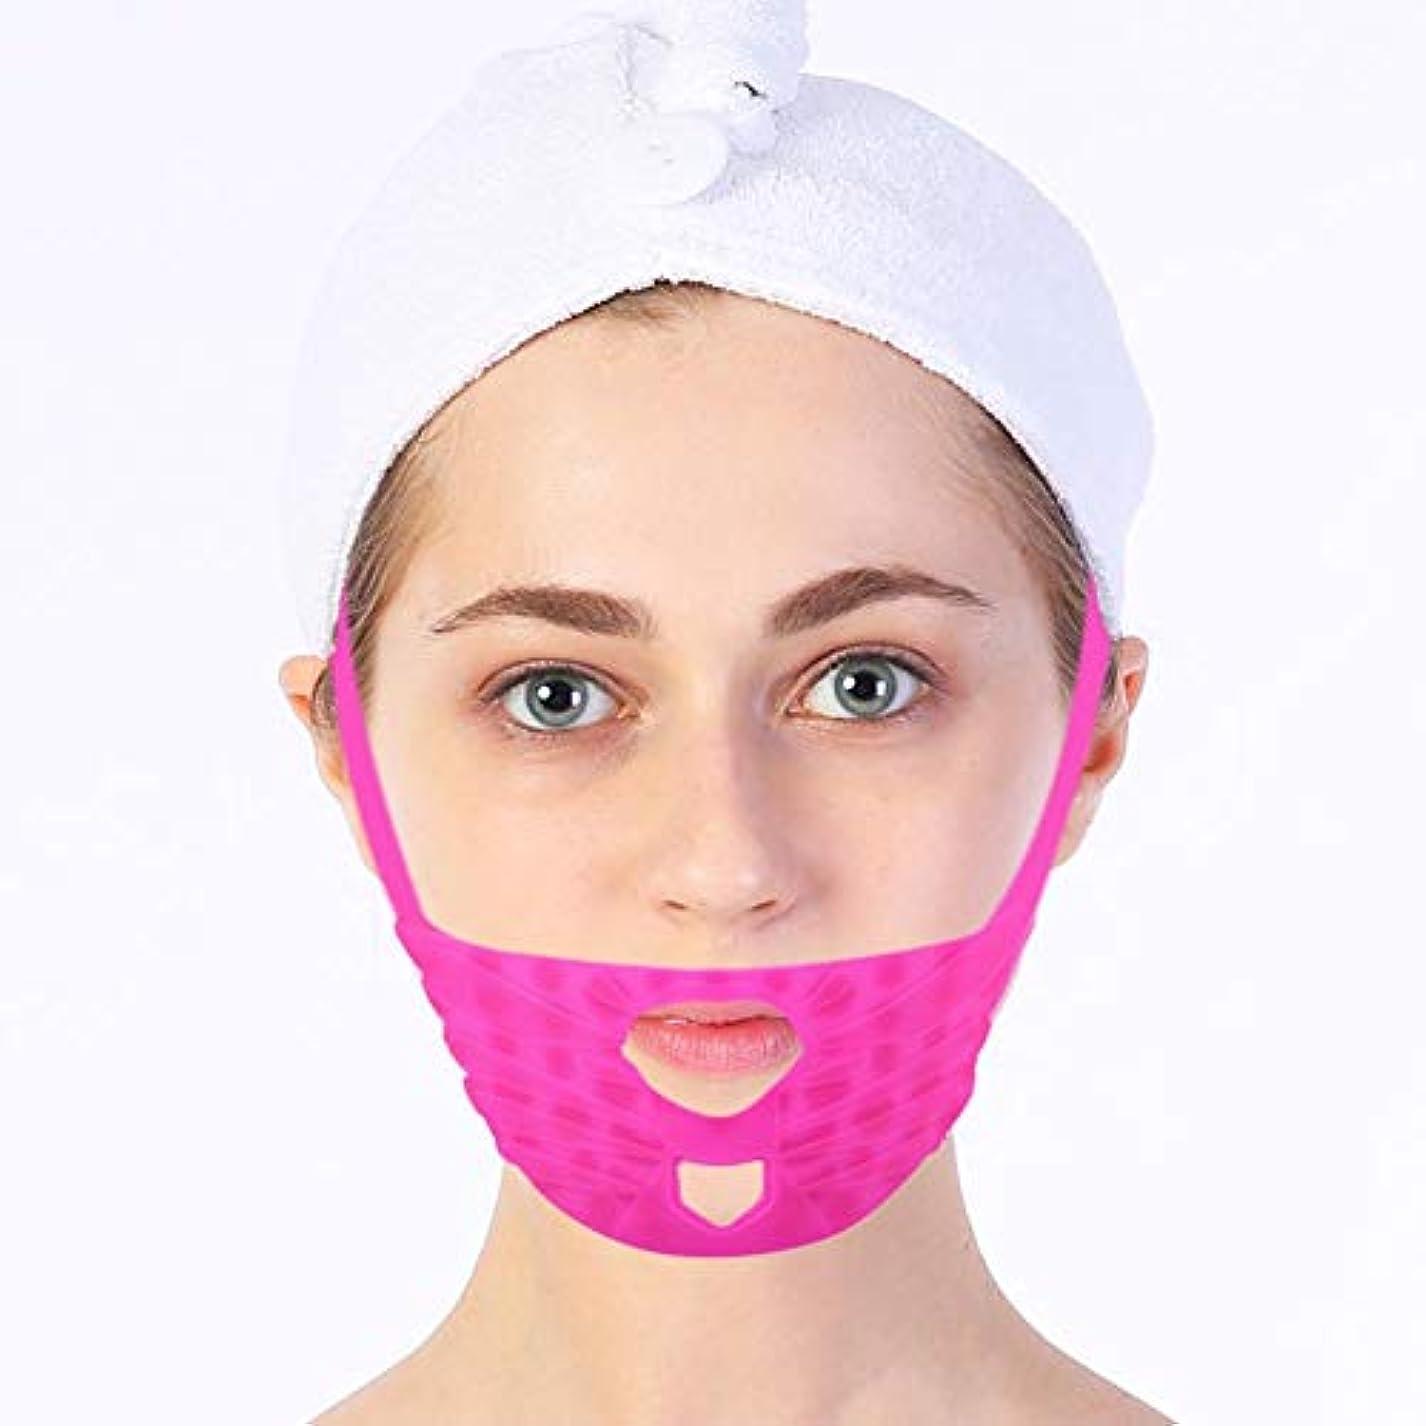 アレルギー友だちケーブルSemmeフェイシャルリフティング引き締め痩身マスク、マッサージフェイスシリコン包帯Vラインマスク首の圧縮二重あご、変更ダブルチェーンマスク引き締まった肌を減らす